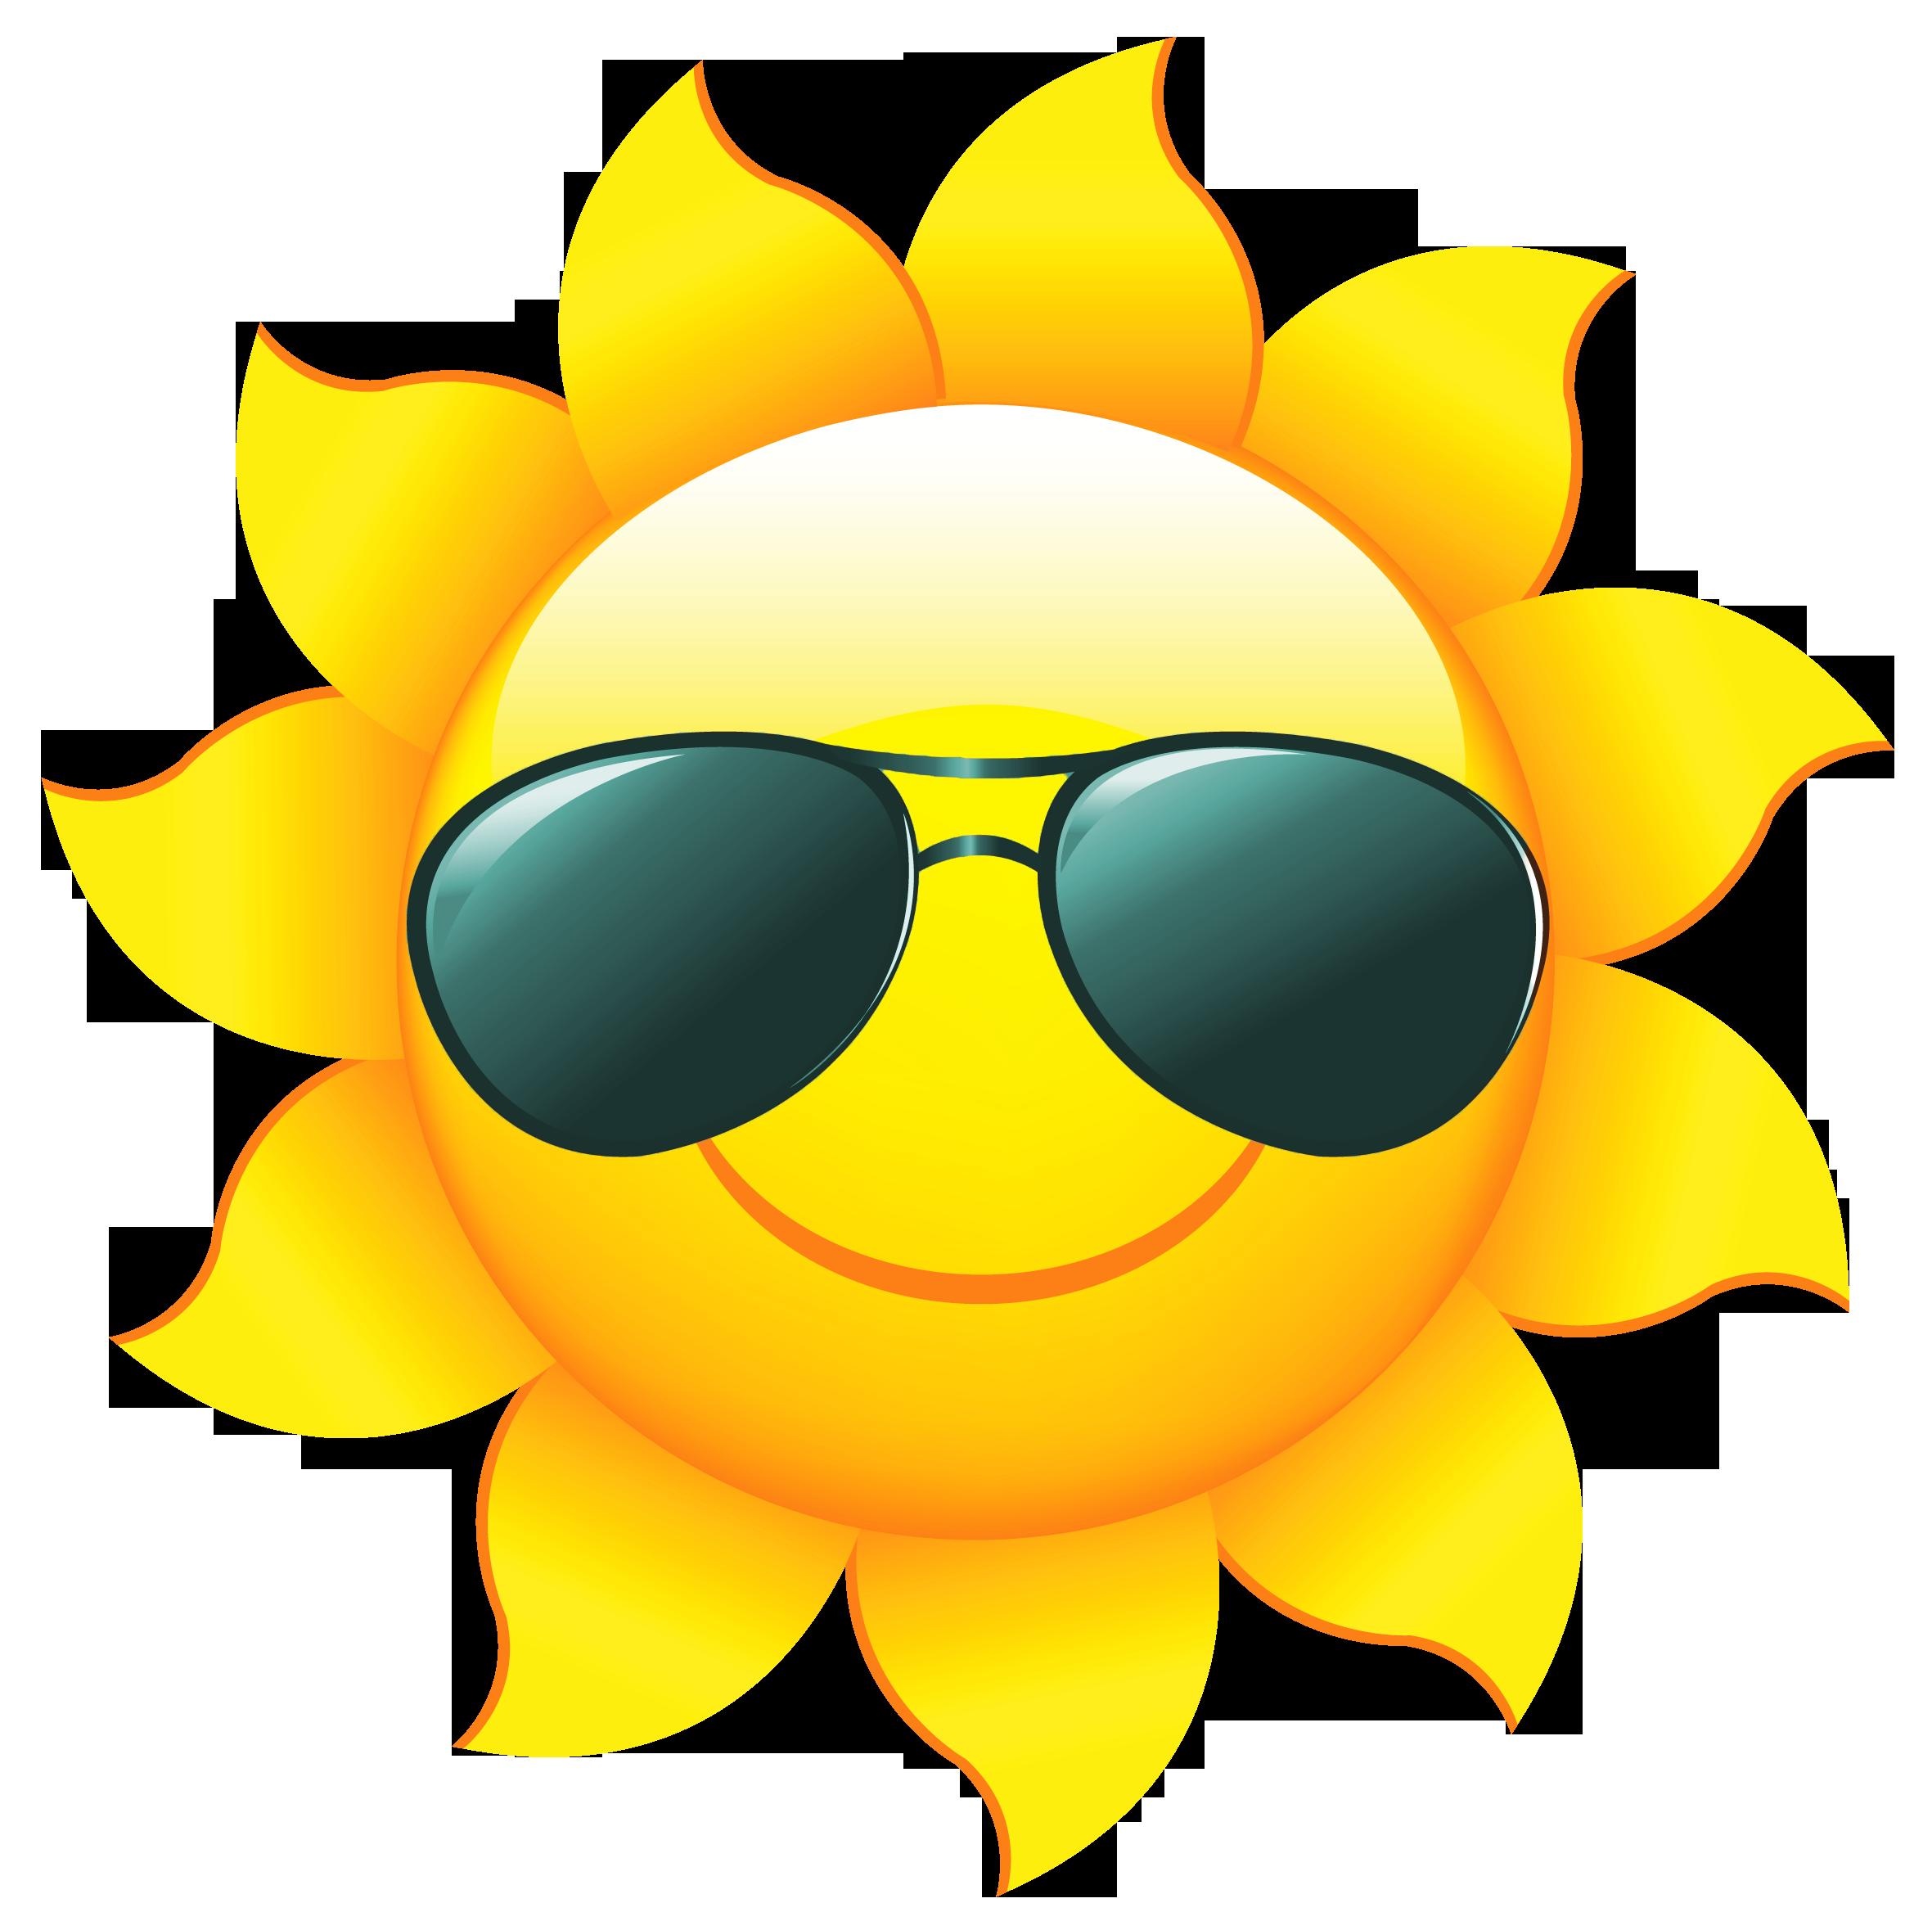 Sun with sunglasses clipart clip art clipartfox